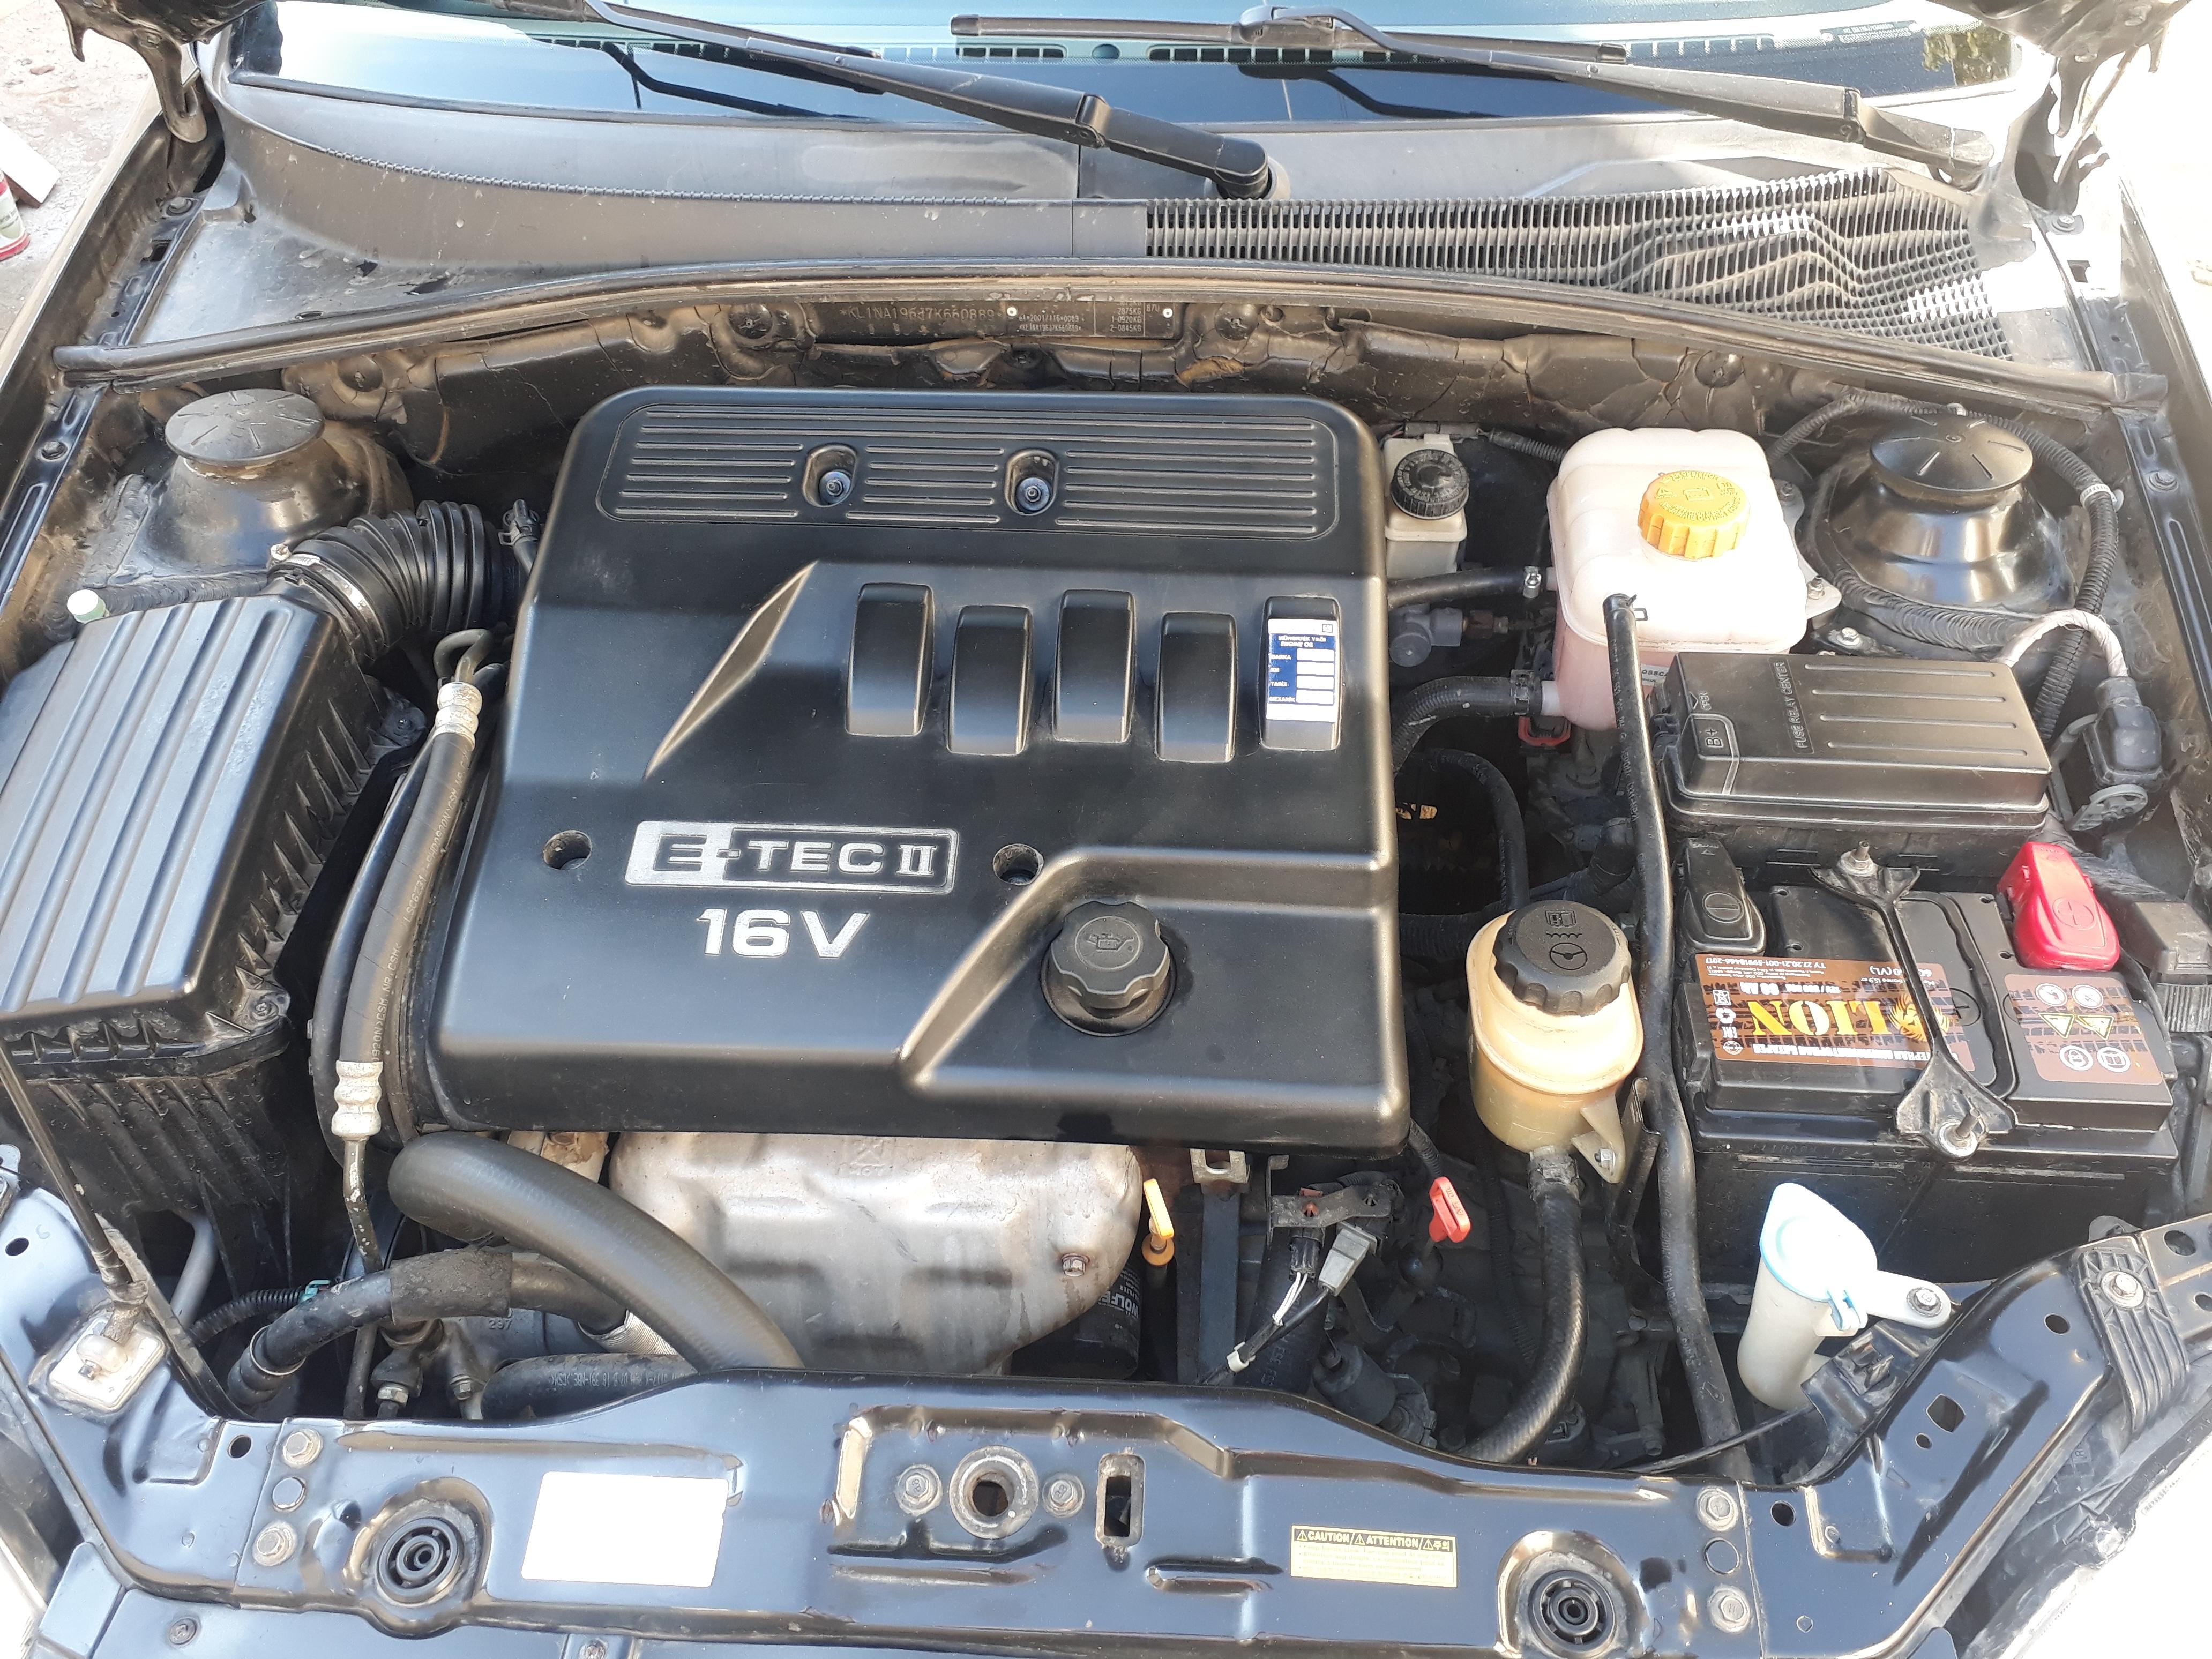 Chevrolet Lacetti 1.6(lt) 2007 İkinci əl  $6800